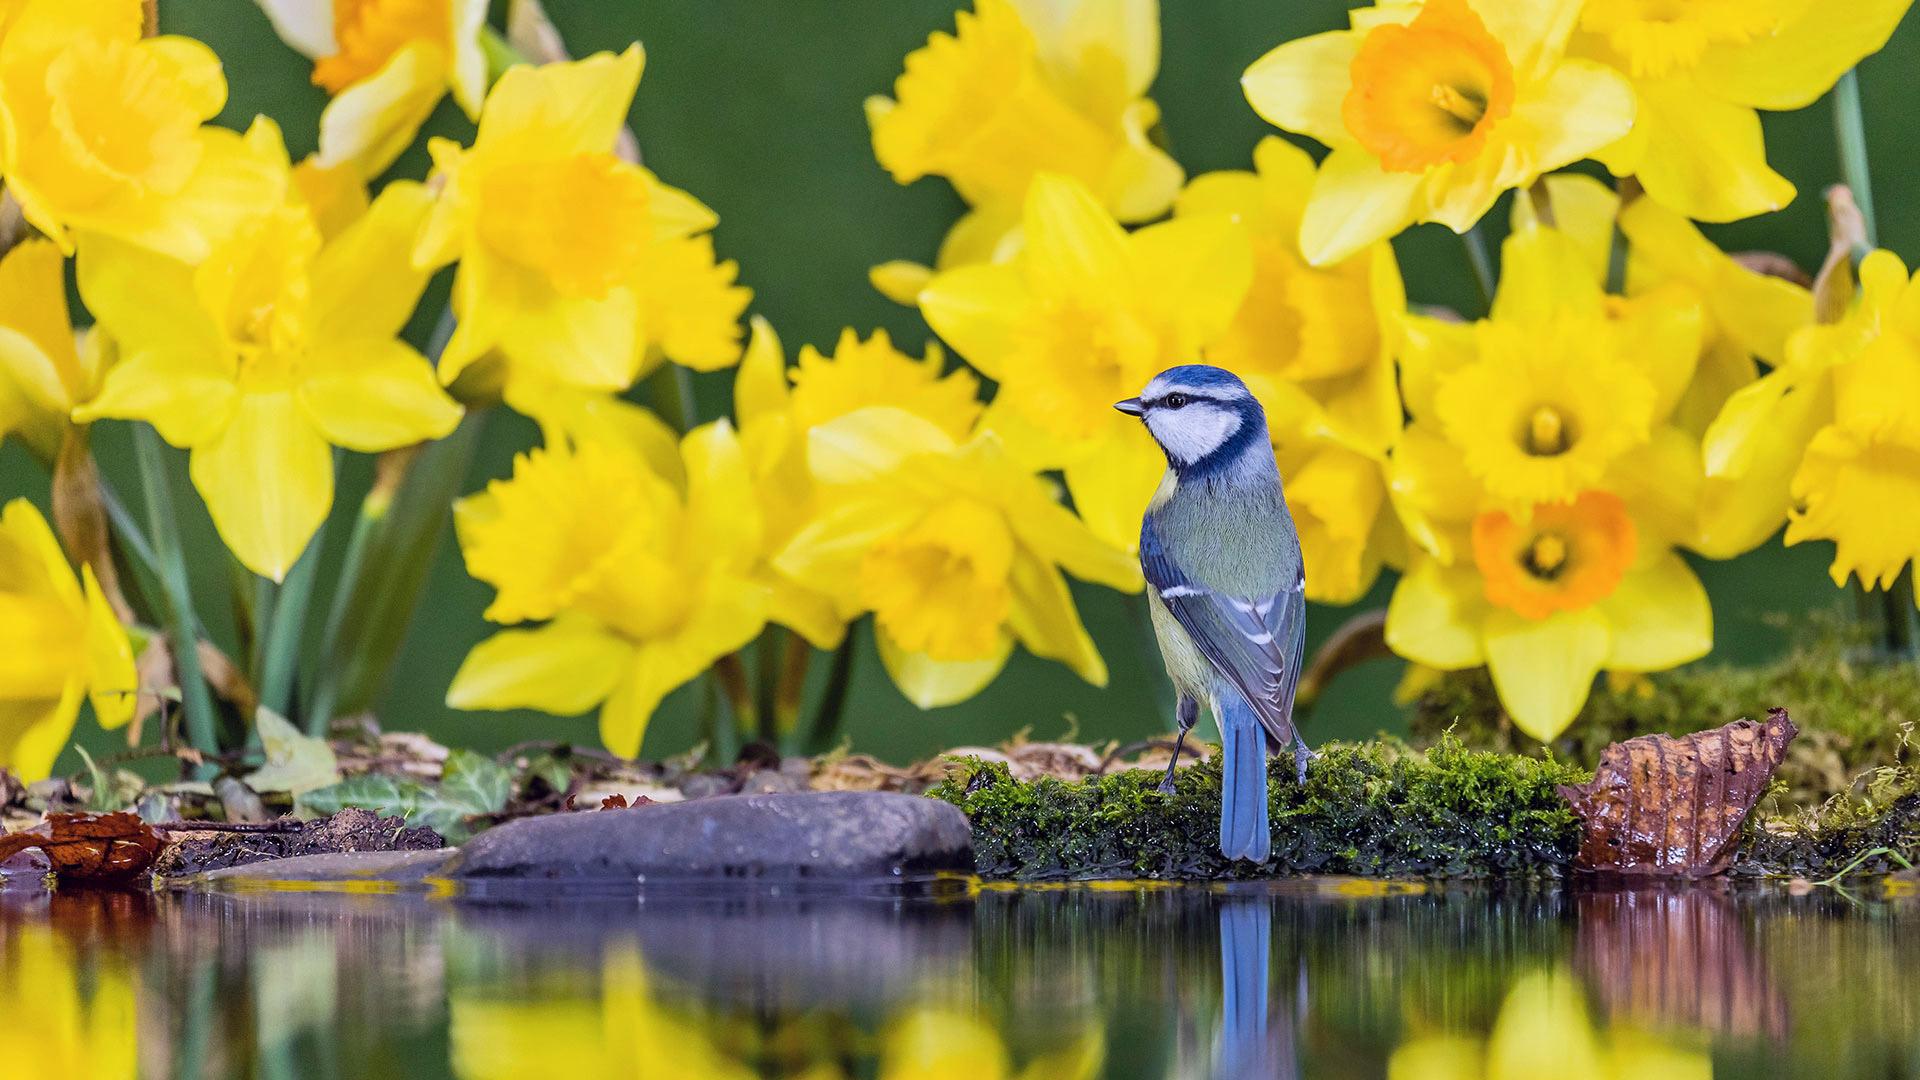 小清新,鸟语花香,小鸟,鲜花,倒影,湖水